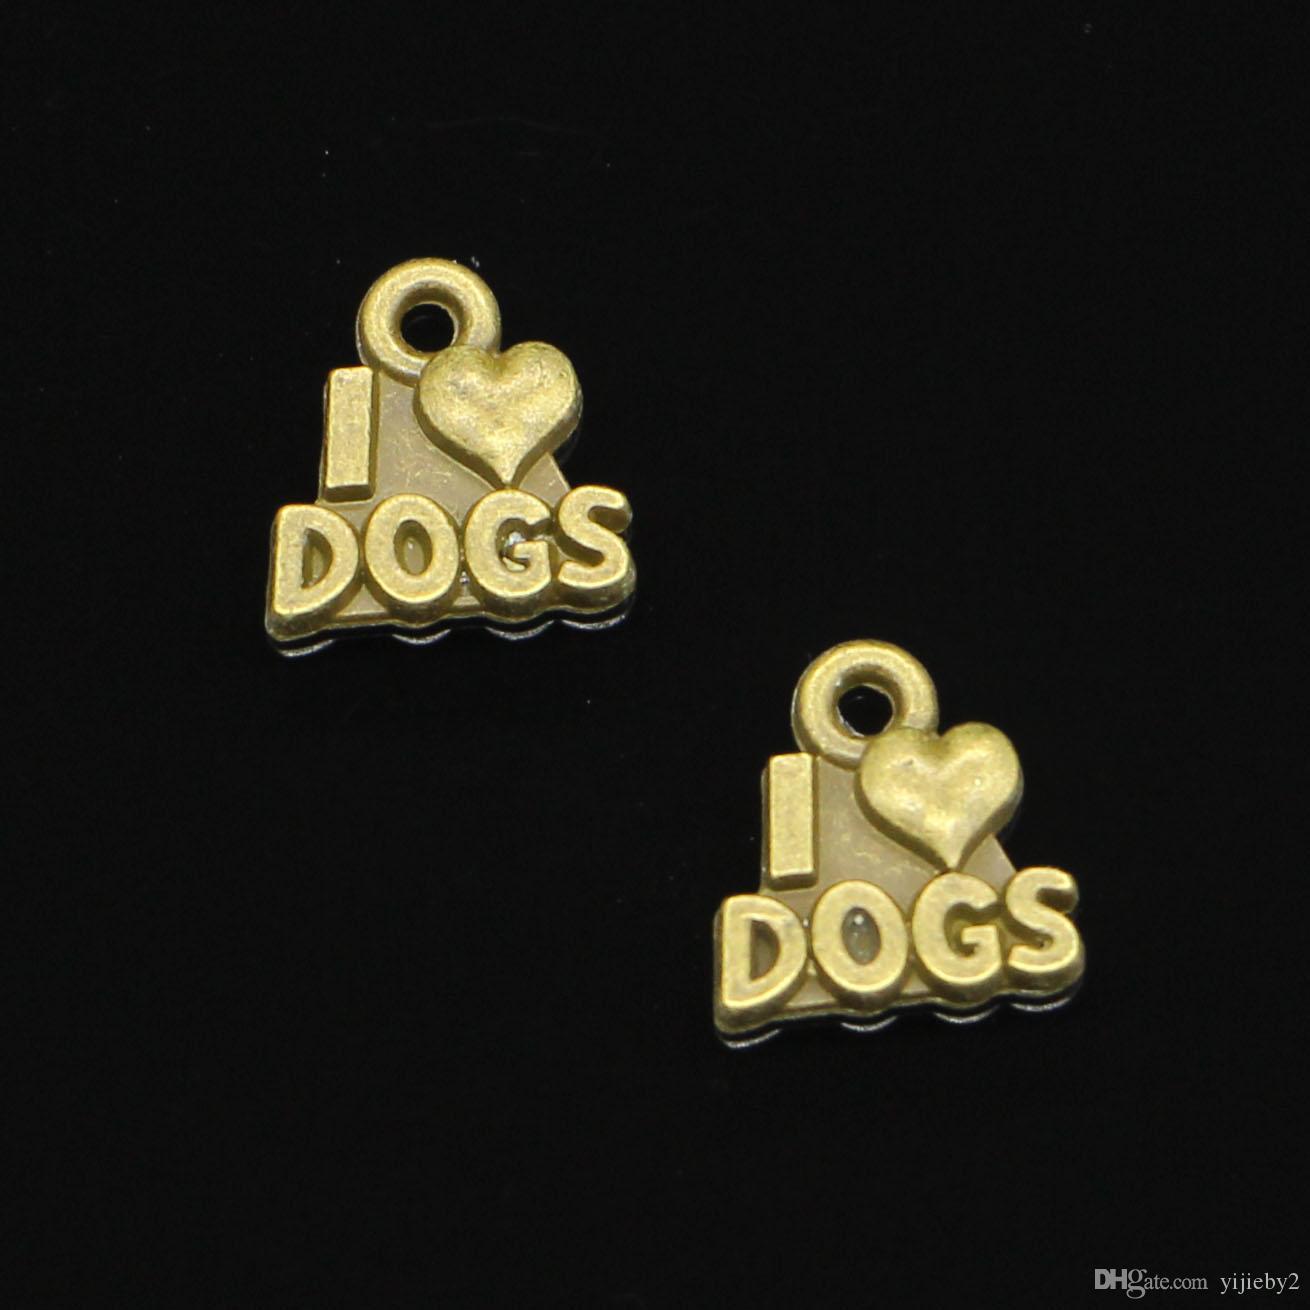 182pcs очаровывает Я люблю собак Античная бронзовая покрытием Подвески Fit Изготовление ювелирных изделий вспомогательного оборудования заключений 13 * 12мм